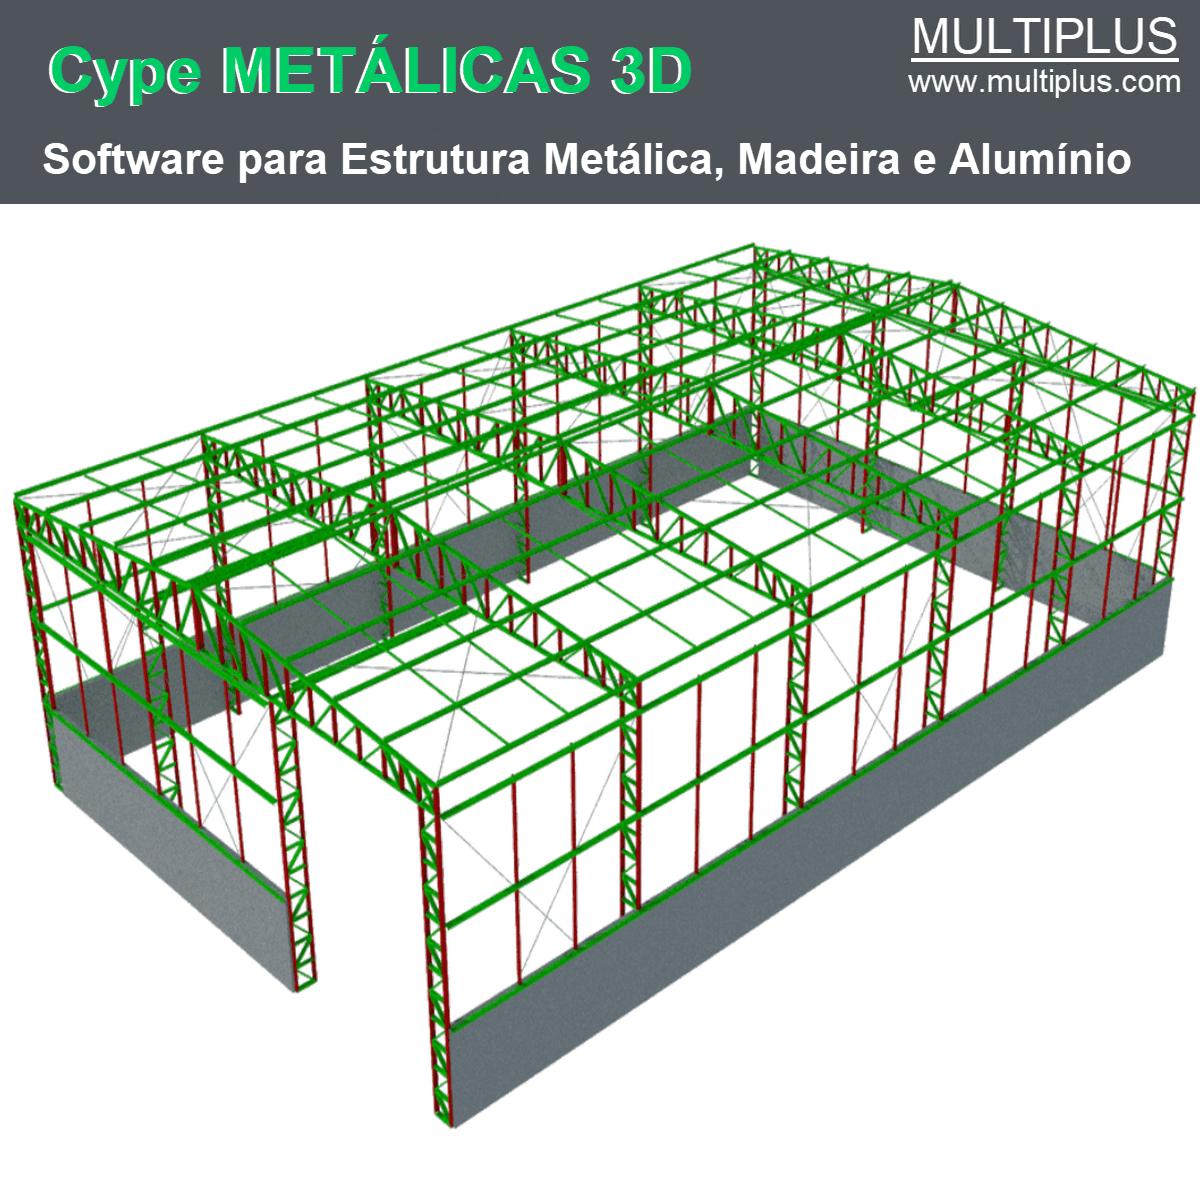 """Software Metálicas 3D MT41 versão 2021 (Licença Eletrônica) incluindo a modulação descrita em """"Itens Inclusos"""" a seguir  - MULTIPLUS SOFTWARES"""